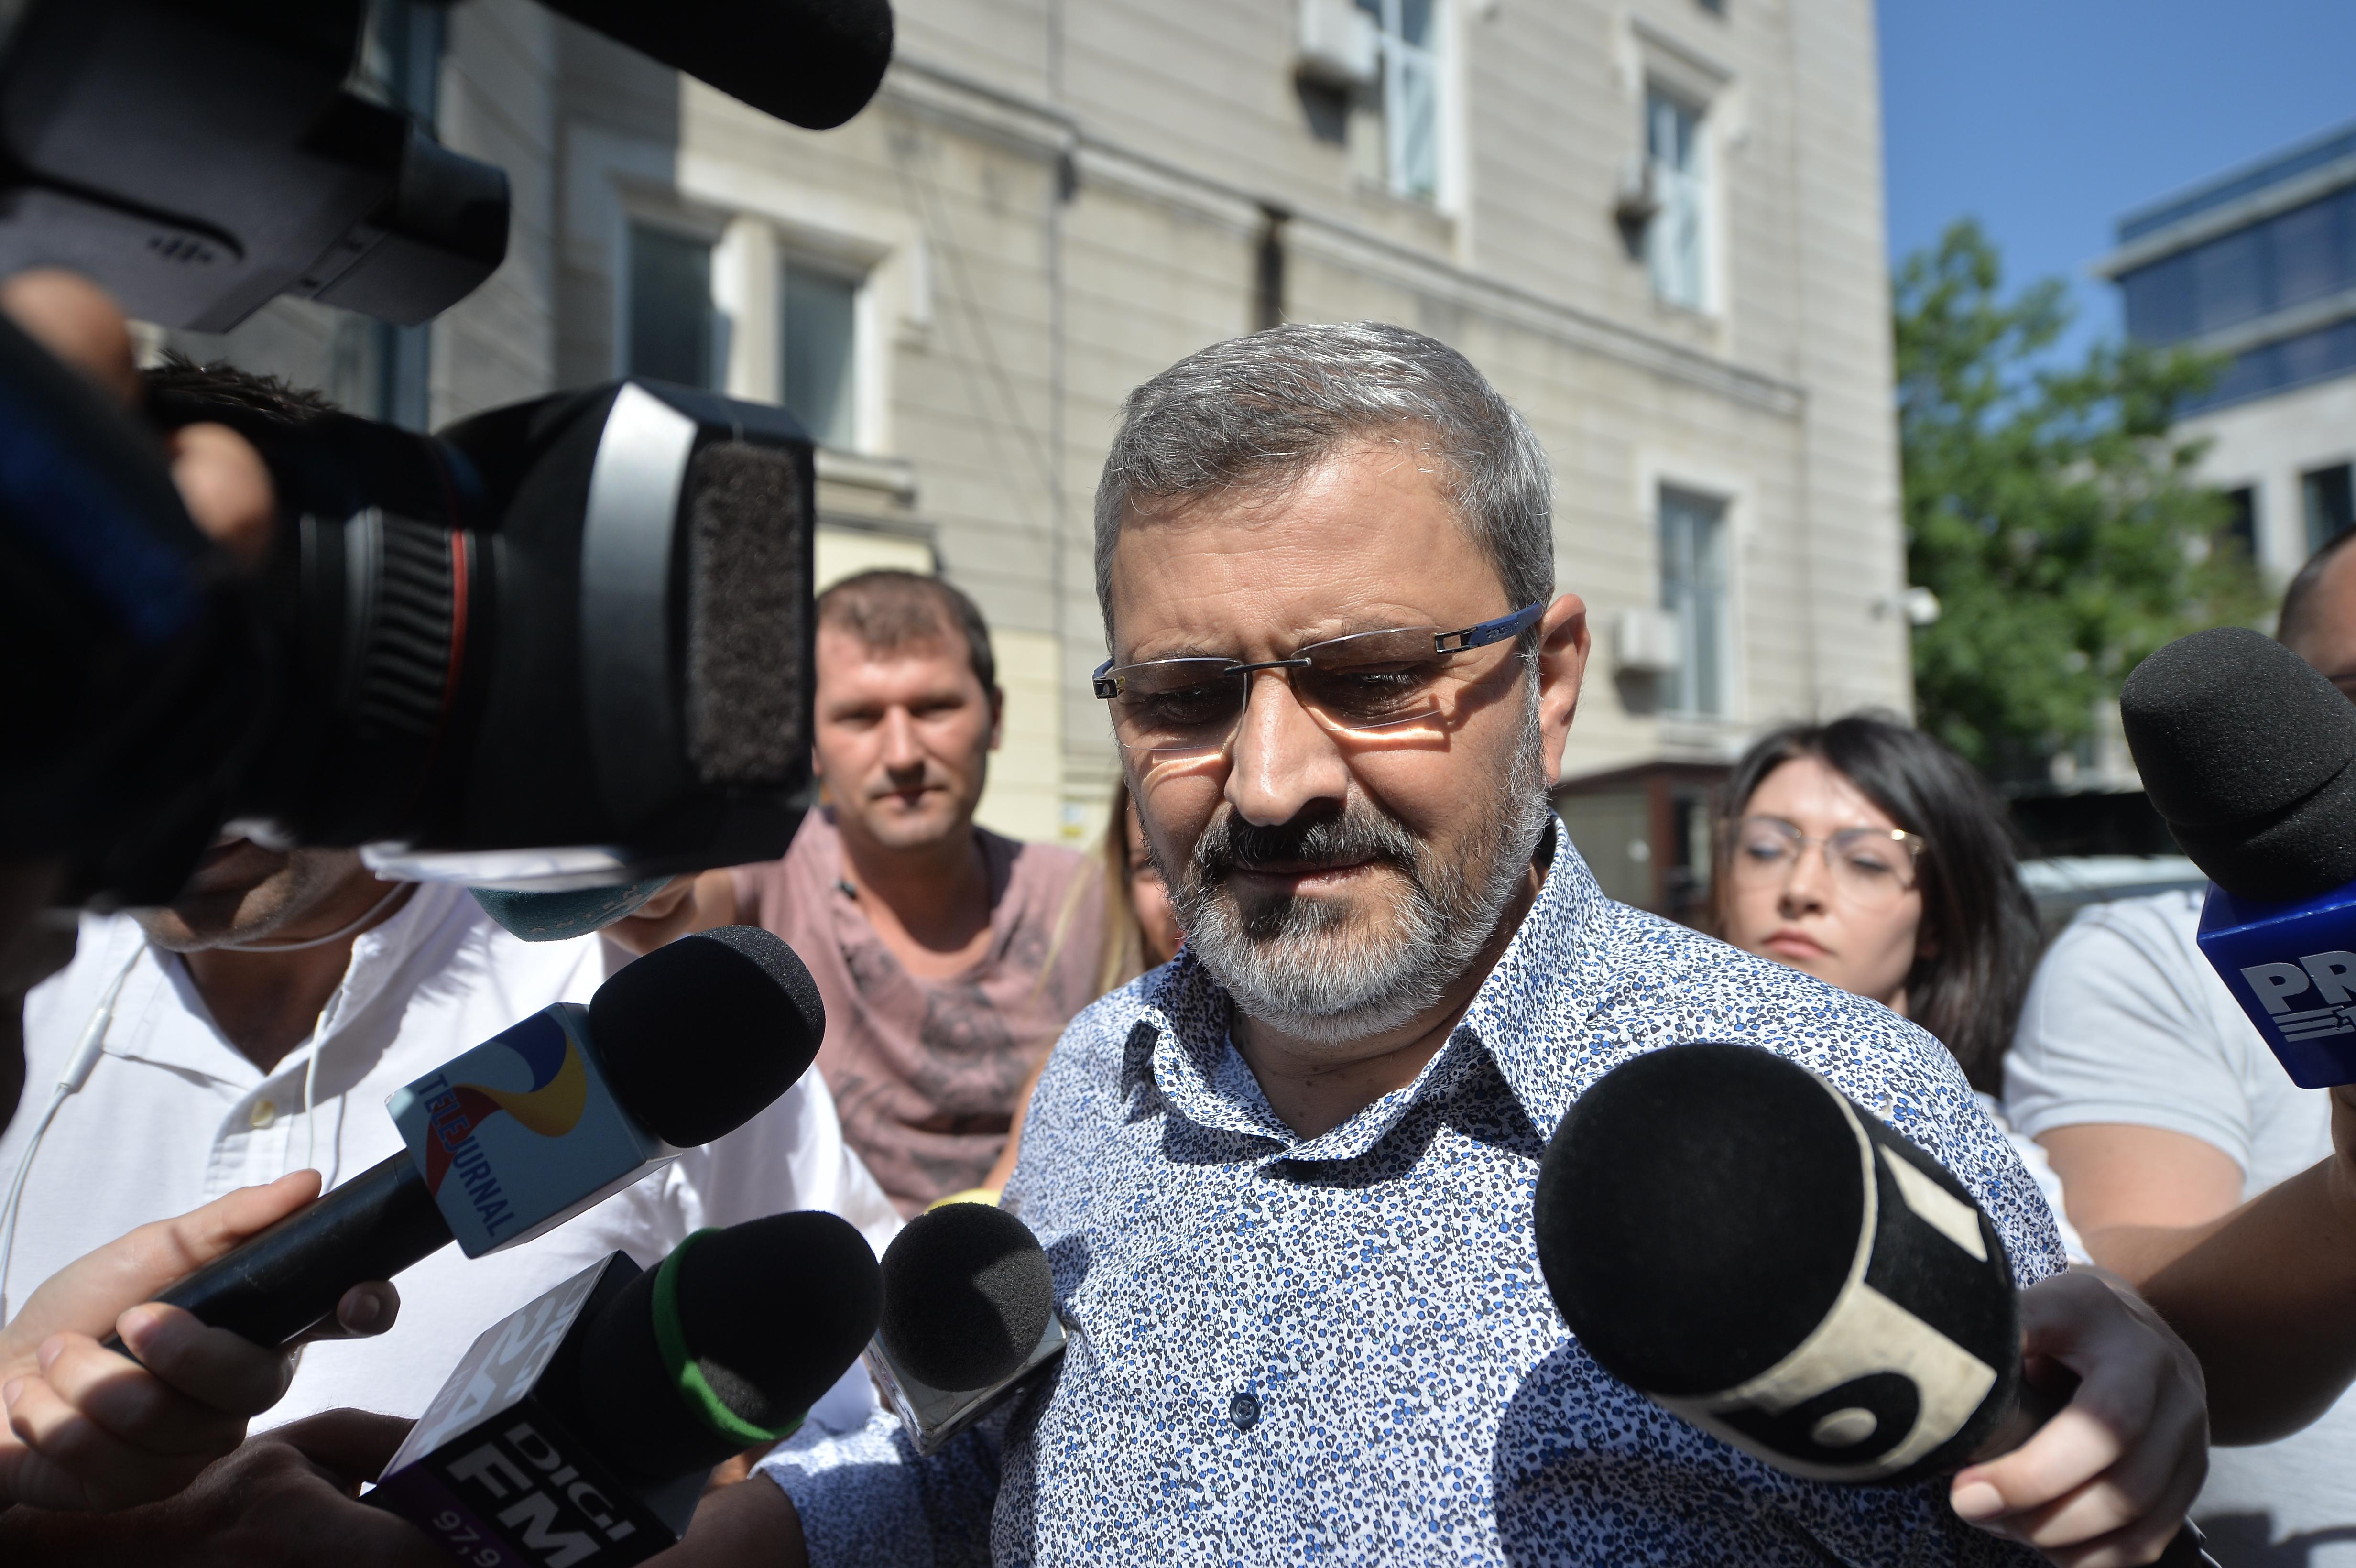 Petre Pitiş, şeful Tel Drum, la DNA pentru percheziţia calculatoarelor firmei: Contractul şi licitaţia au fost legale